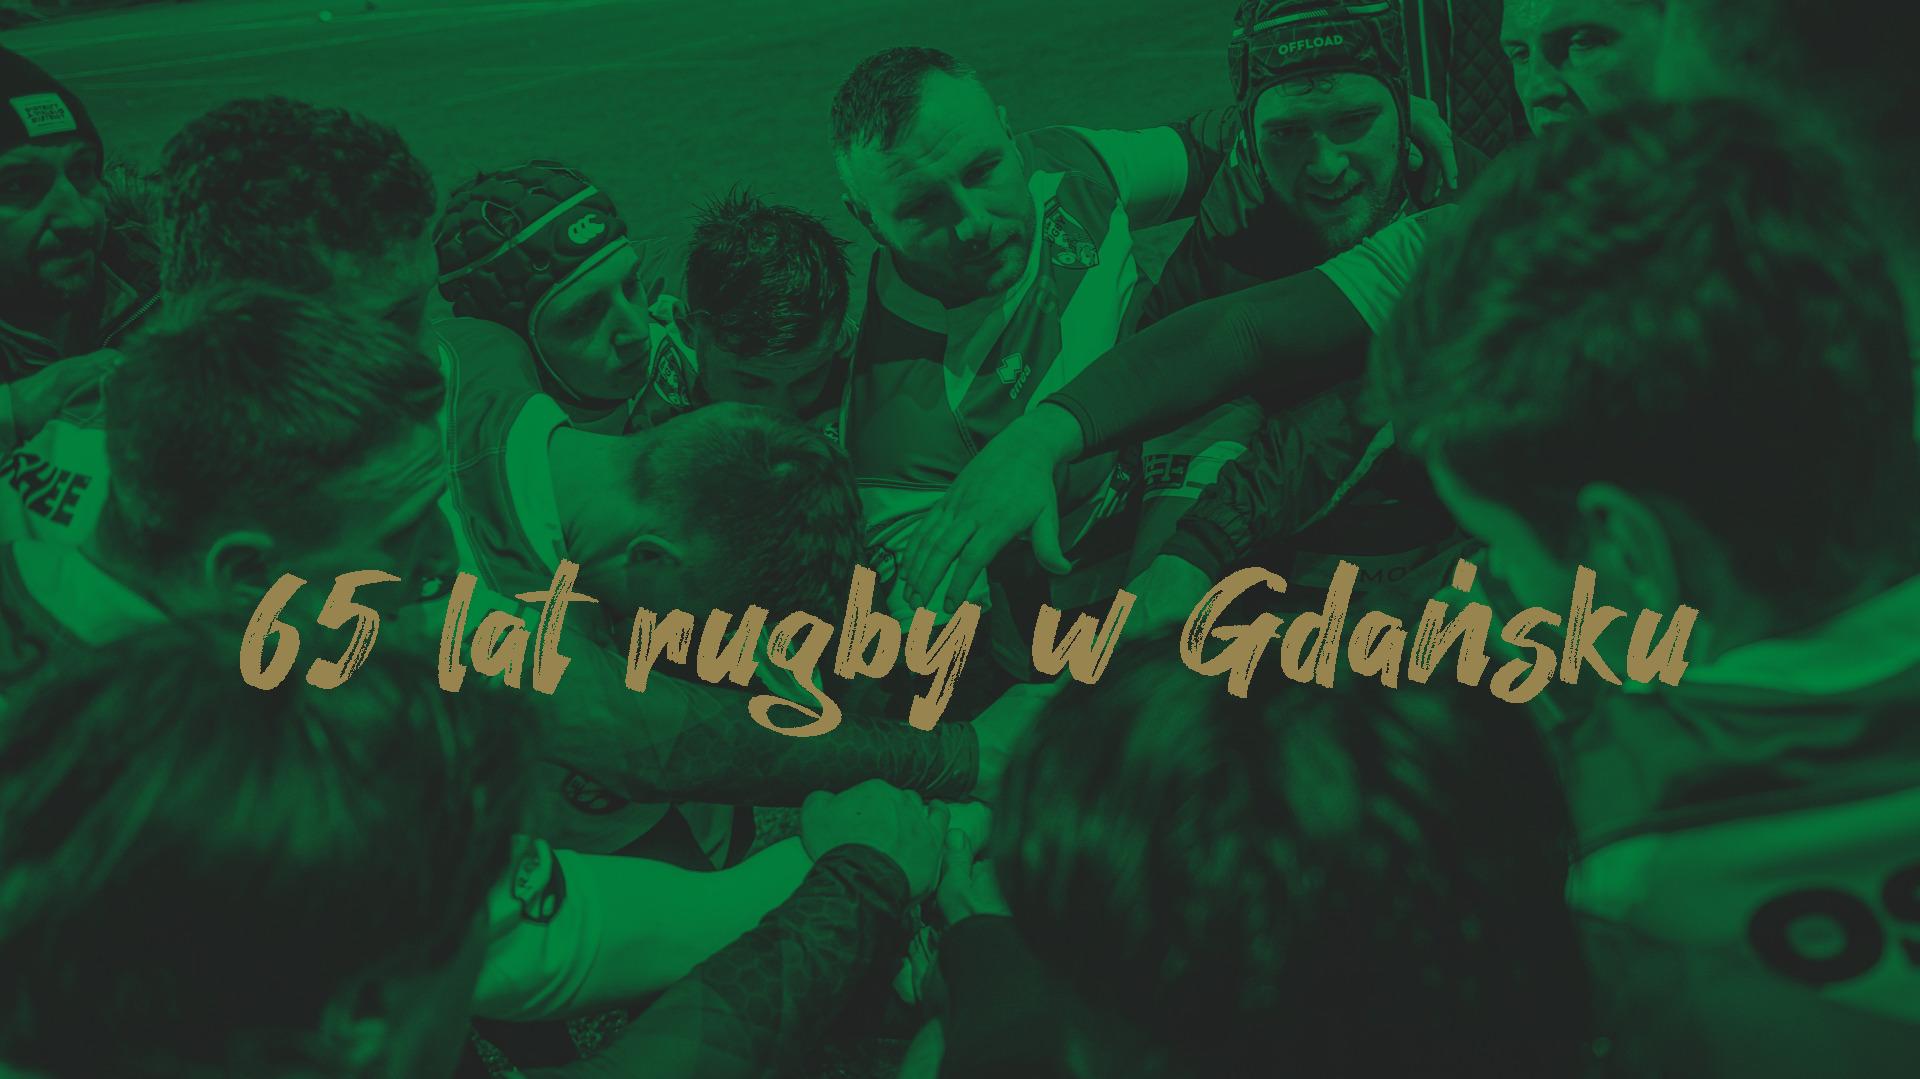 65 lat rugby w Gdańsku